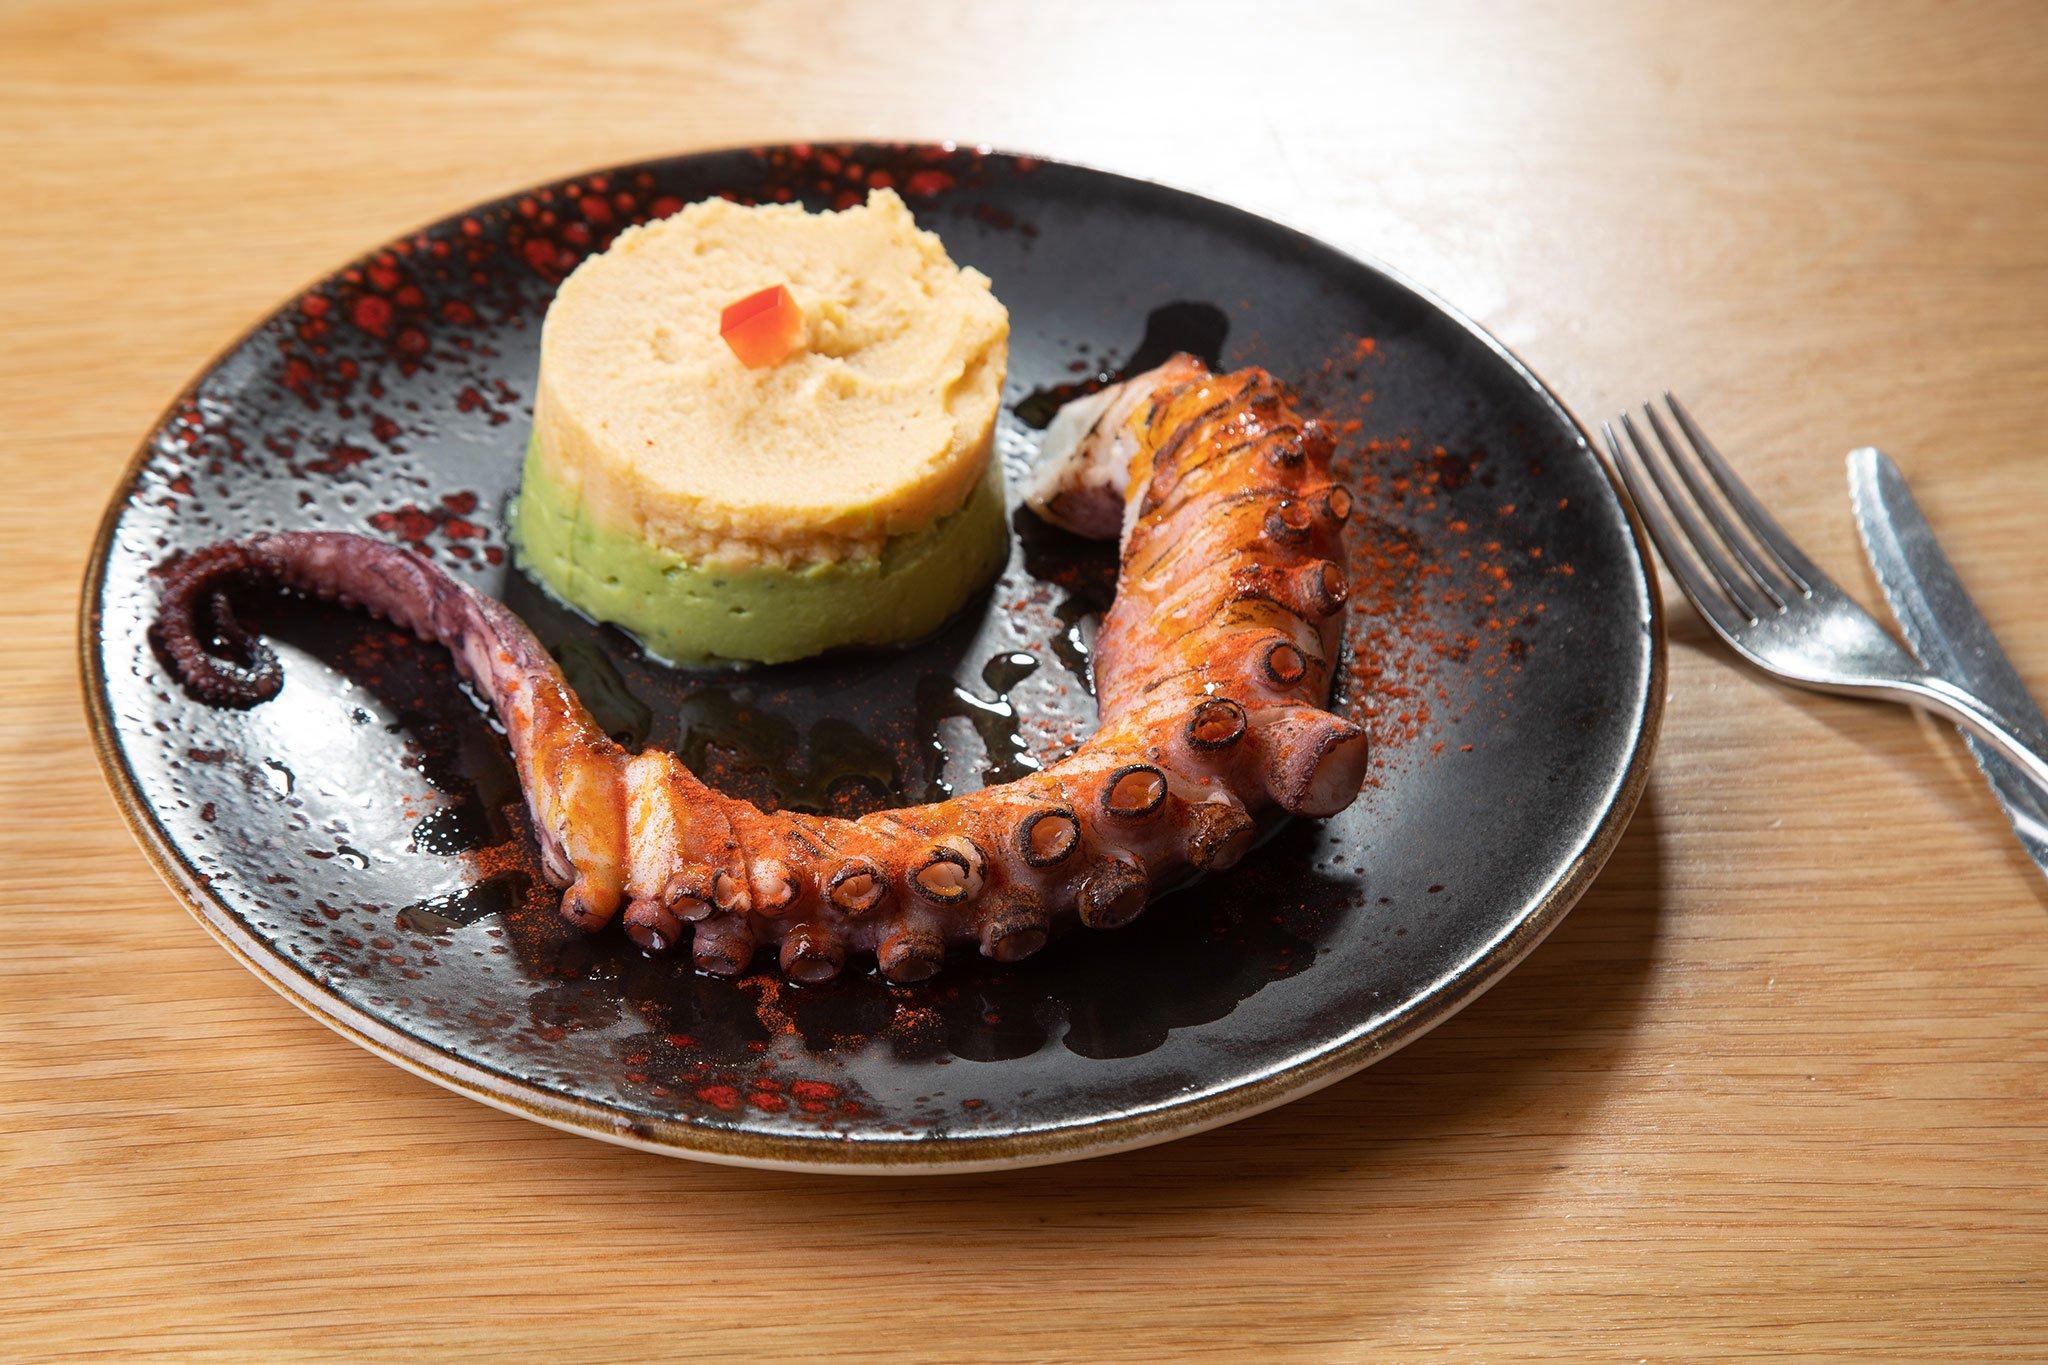 Platos y menús para llevar en Dénia – Tasca Eulalia